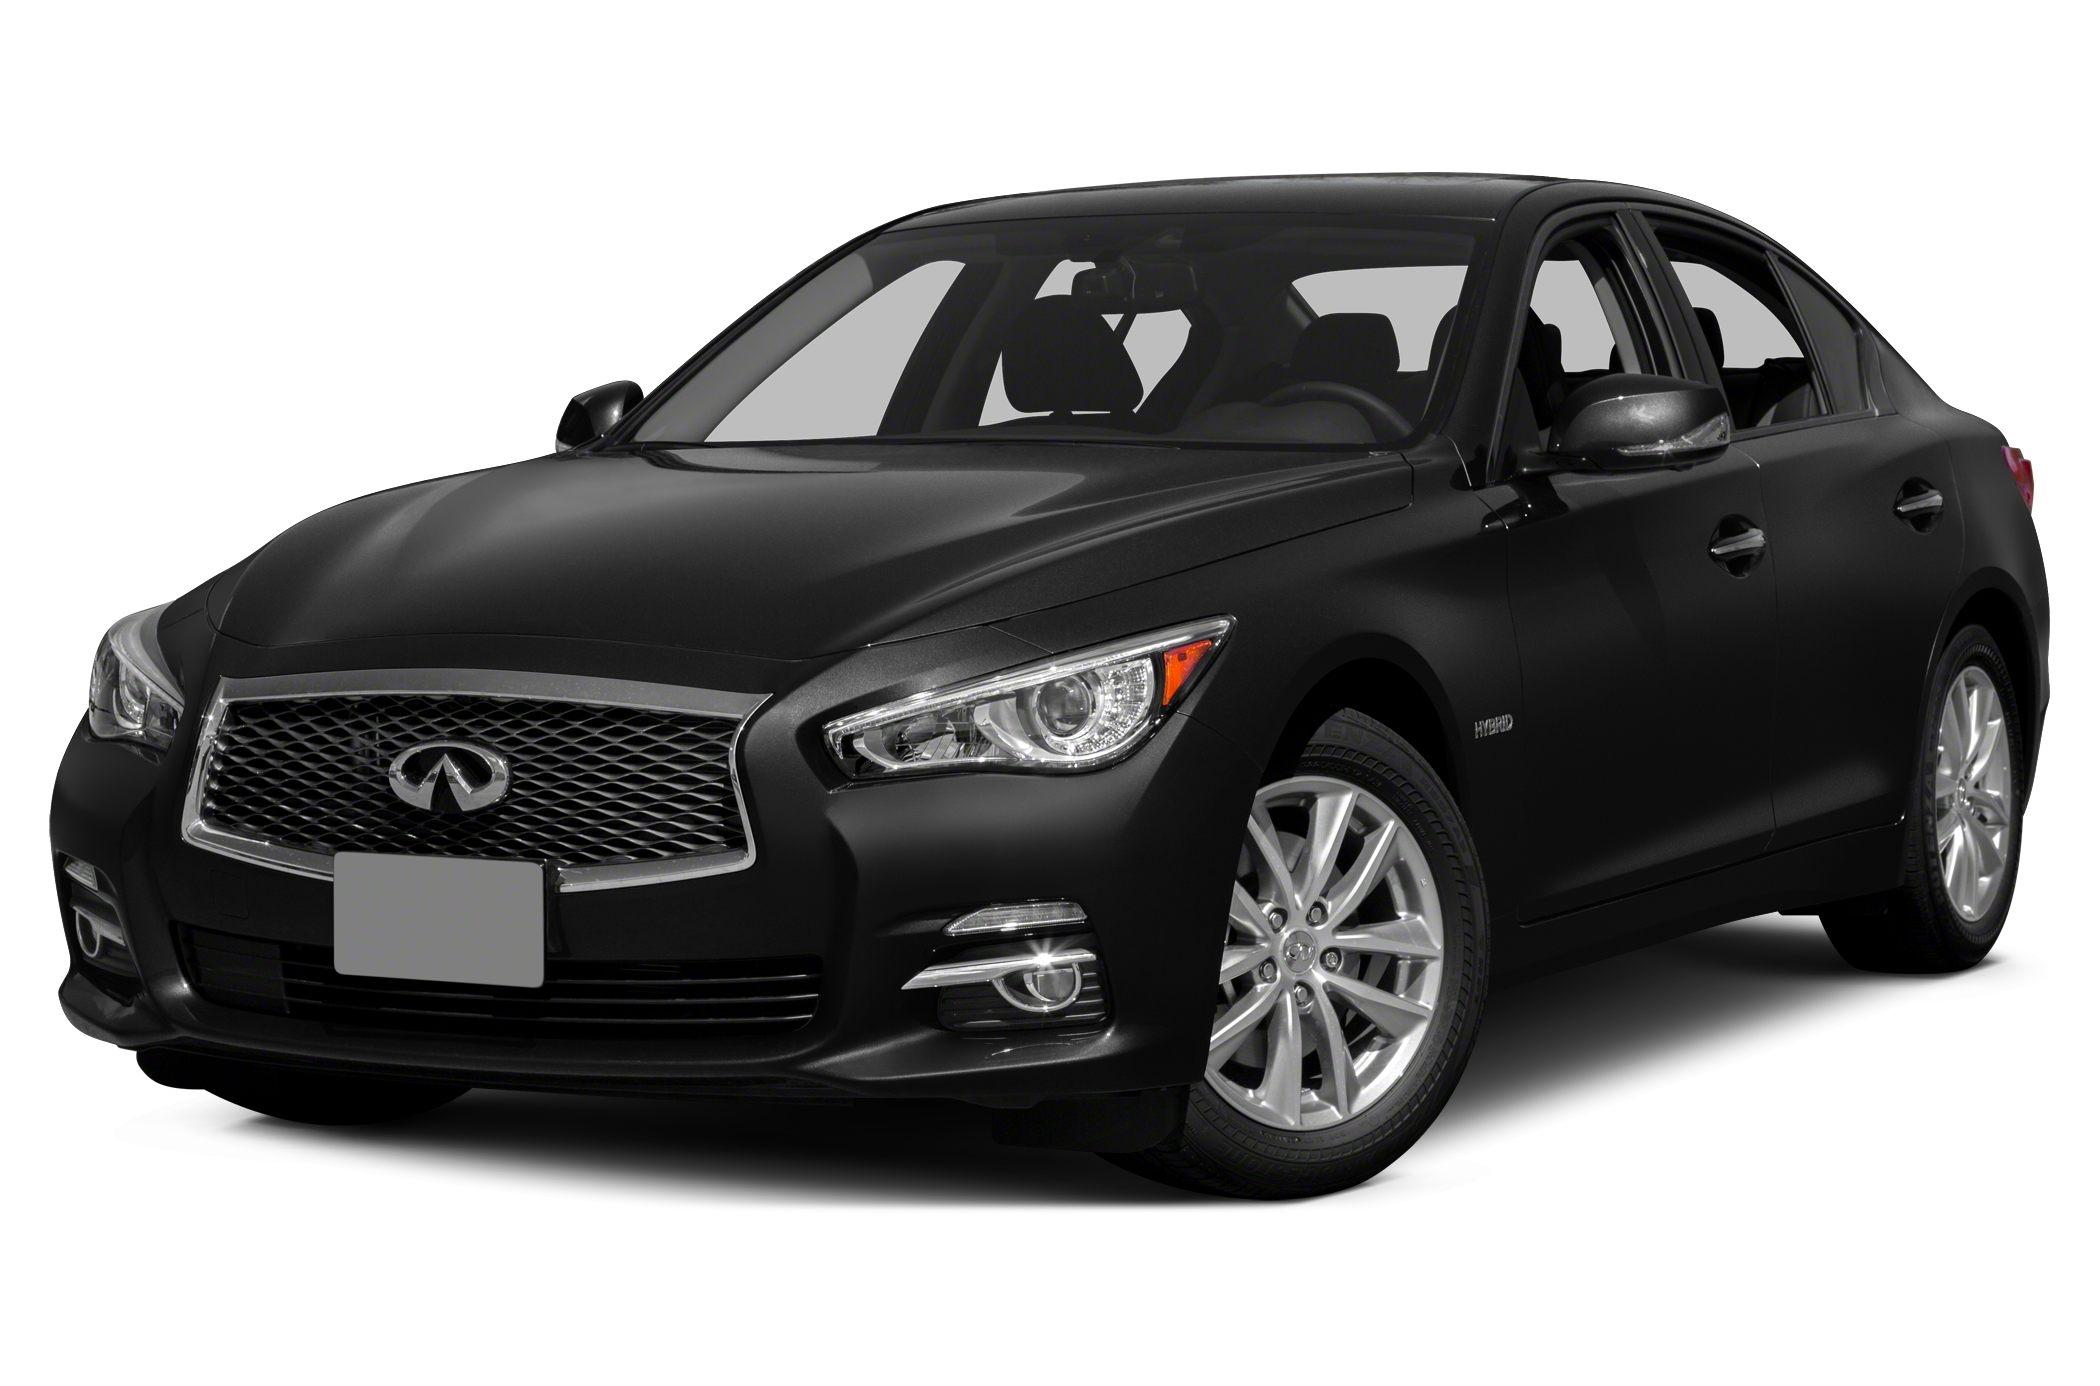 2015 infiniti q50 hybrid price photos reviews amp features infiniti q50 invoice price